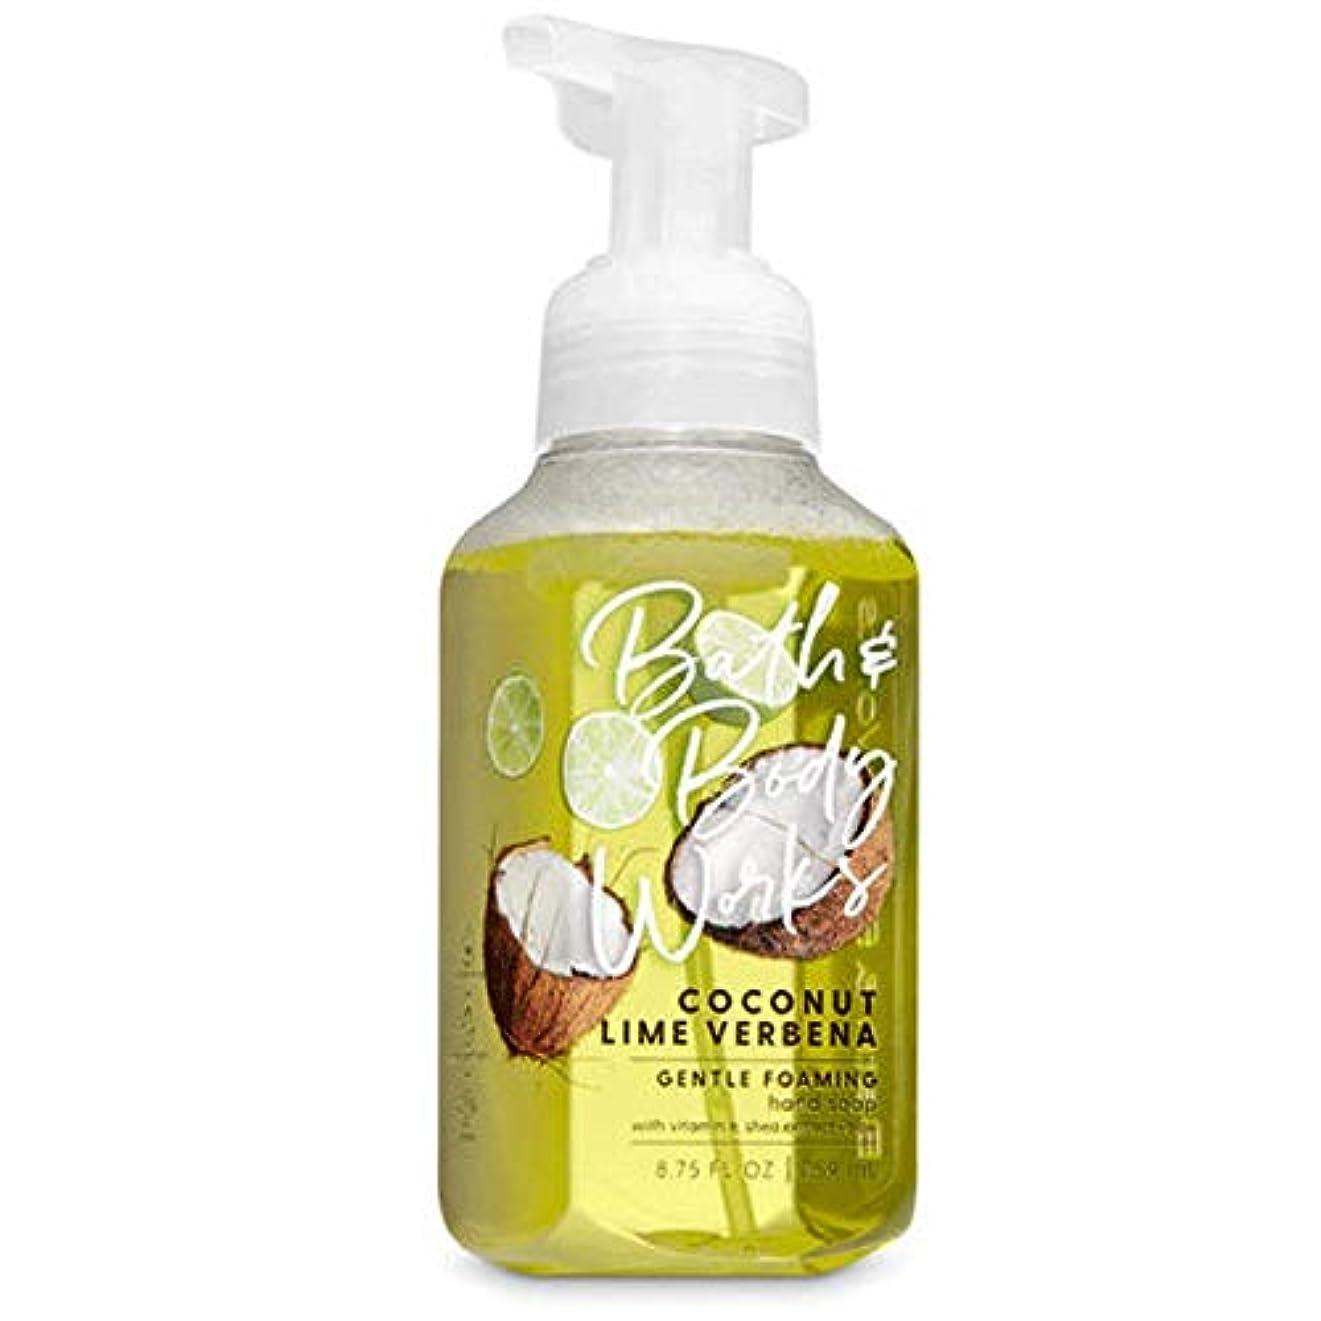 コンサルタント参照農民バス&ボディワークス ココナッツライムバーベナ ジェントル フォーミング ハンドソープ Coconut Lime Verbena Gentle Foaming Hand Soap